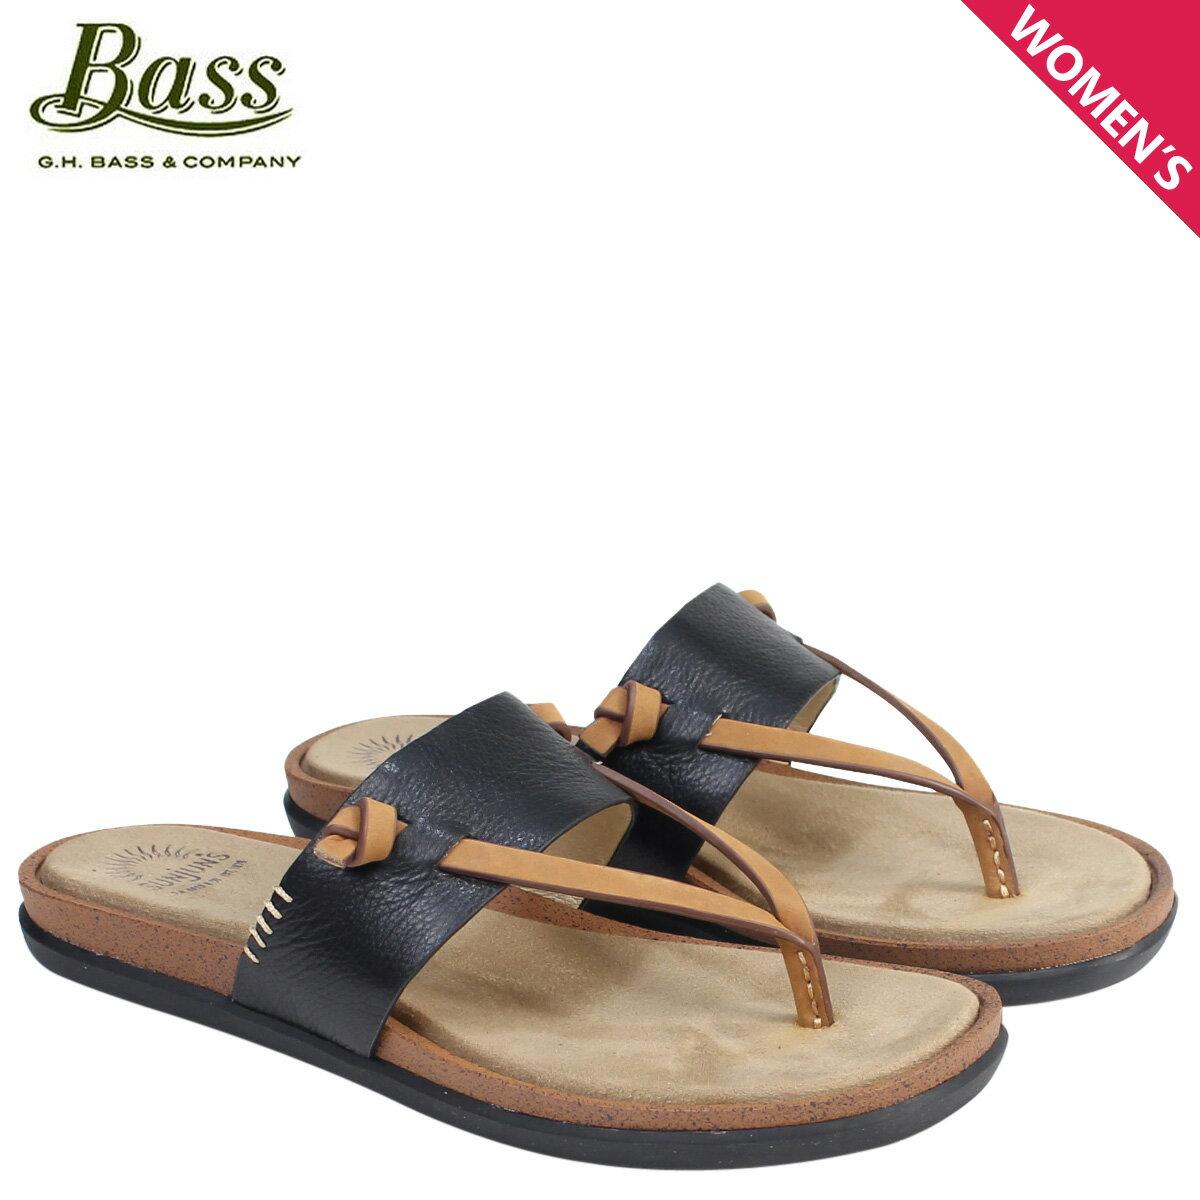 ジーエイチバス サンダル レディース G.H. BASS トング SHANNON THONG SUNJUNS 71-23014 靴 ブラック [177]